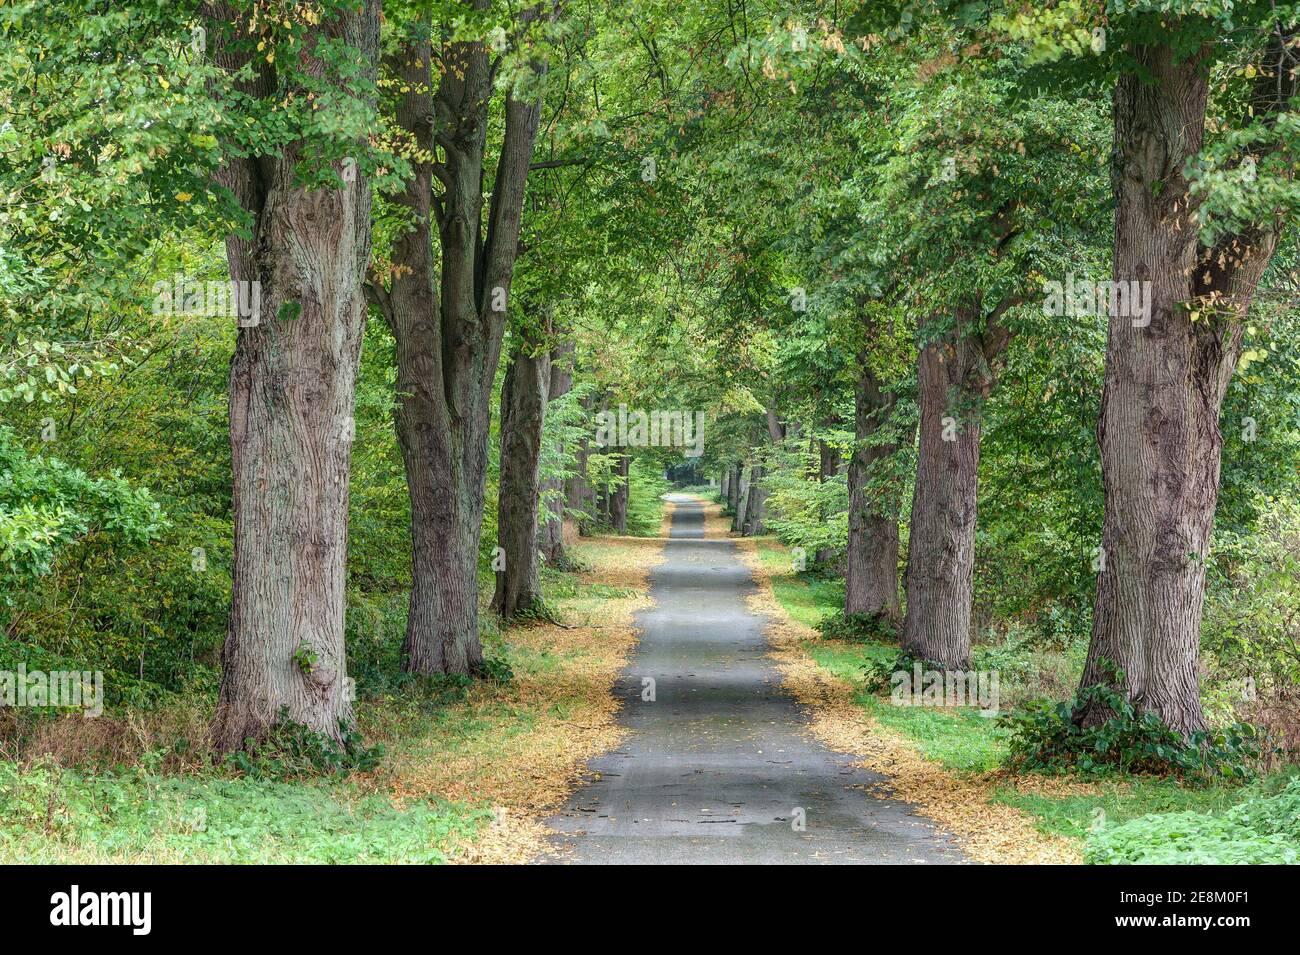 Im Herbst wird die kleine Straße, die durch die herrliche Allee führt, von den gelben Blättern der Bäume eingerahmt. Stockfoto